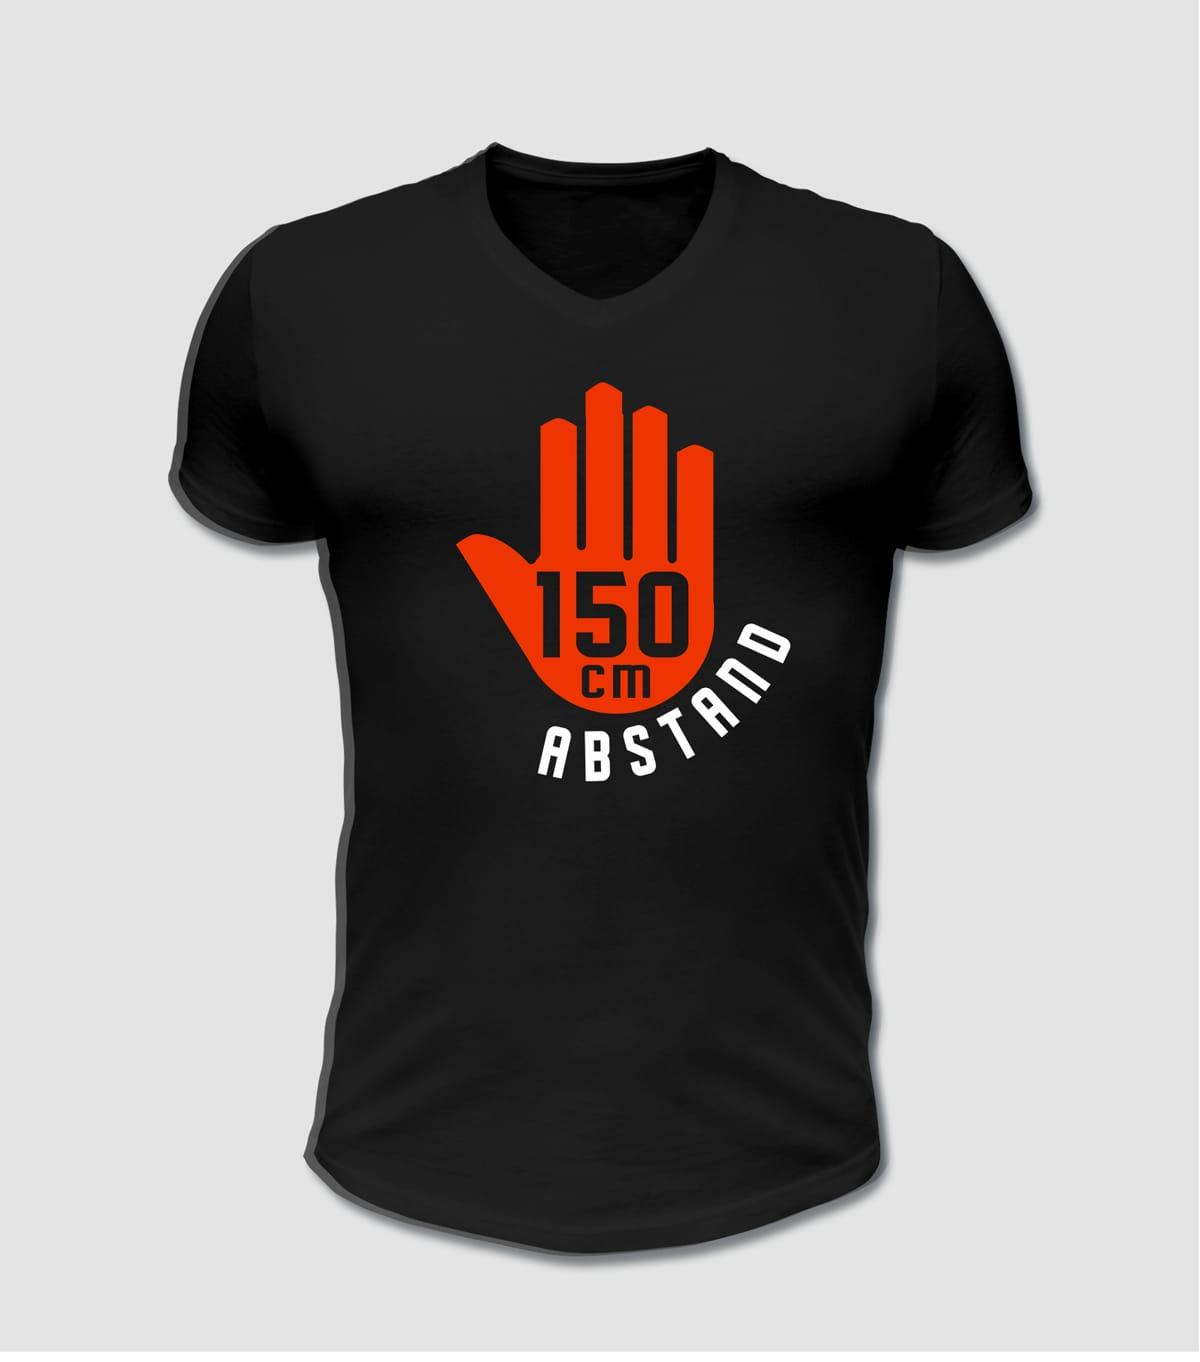 Abstand T-Shirt, bitte 150cm Abstand halten